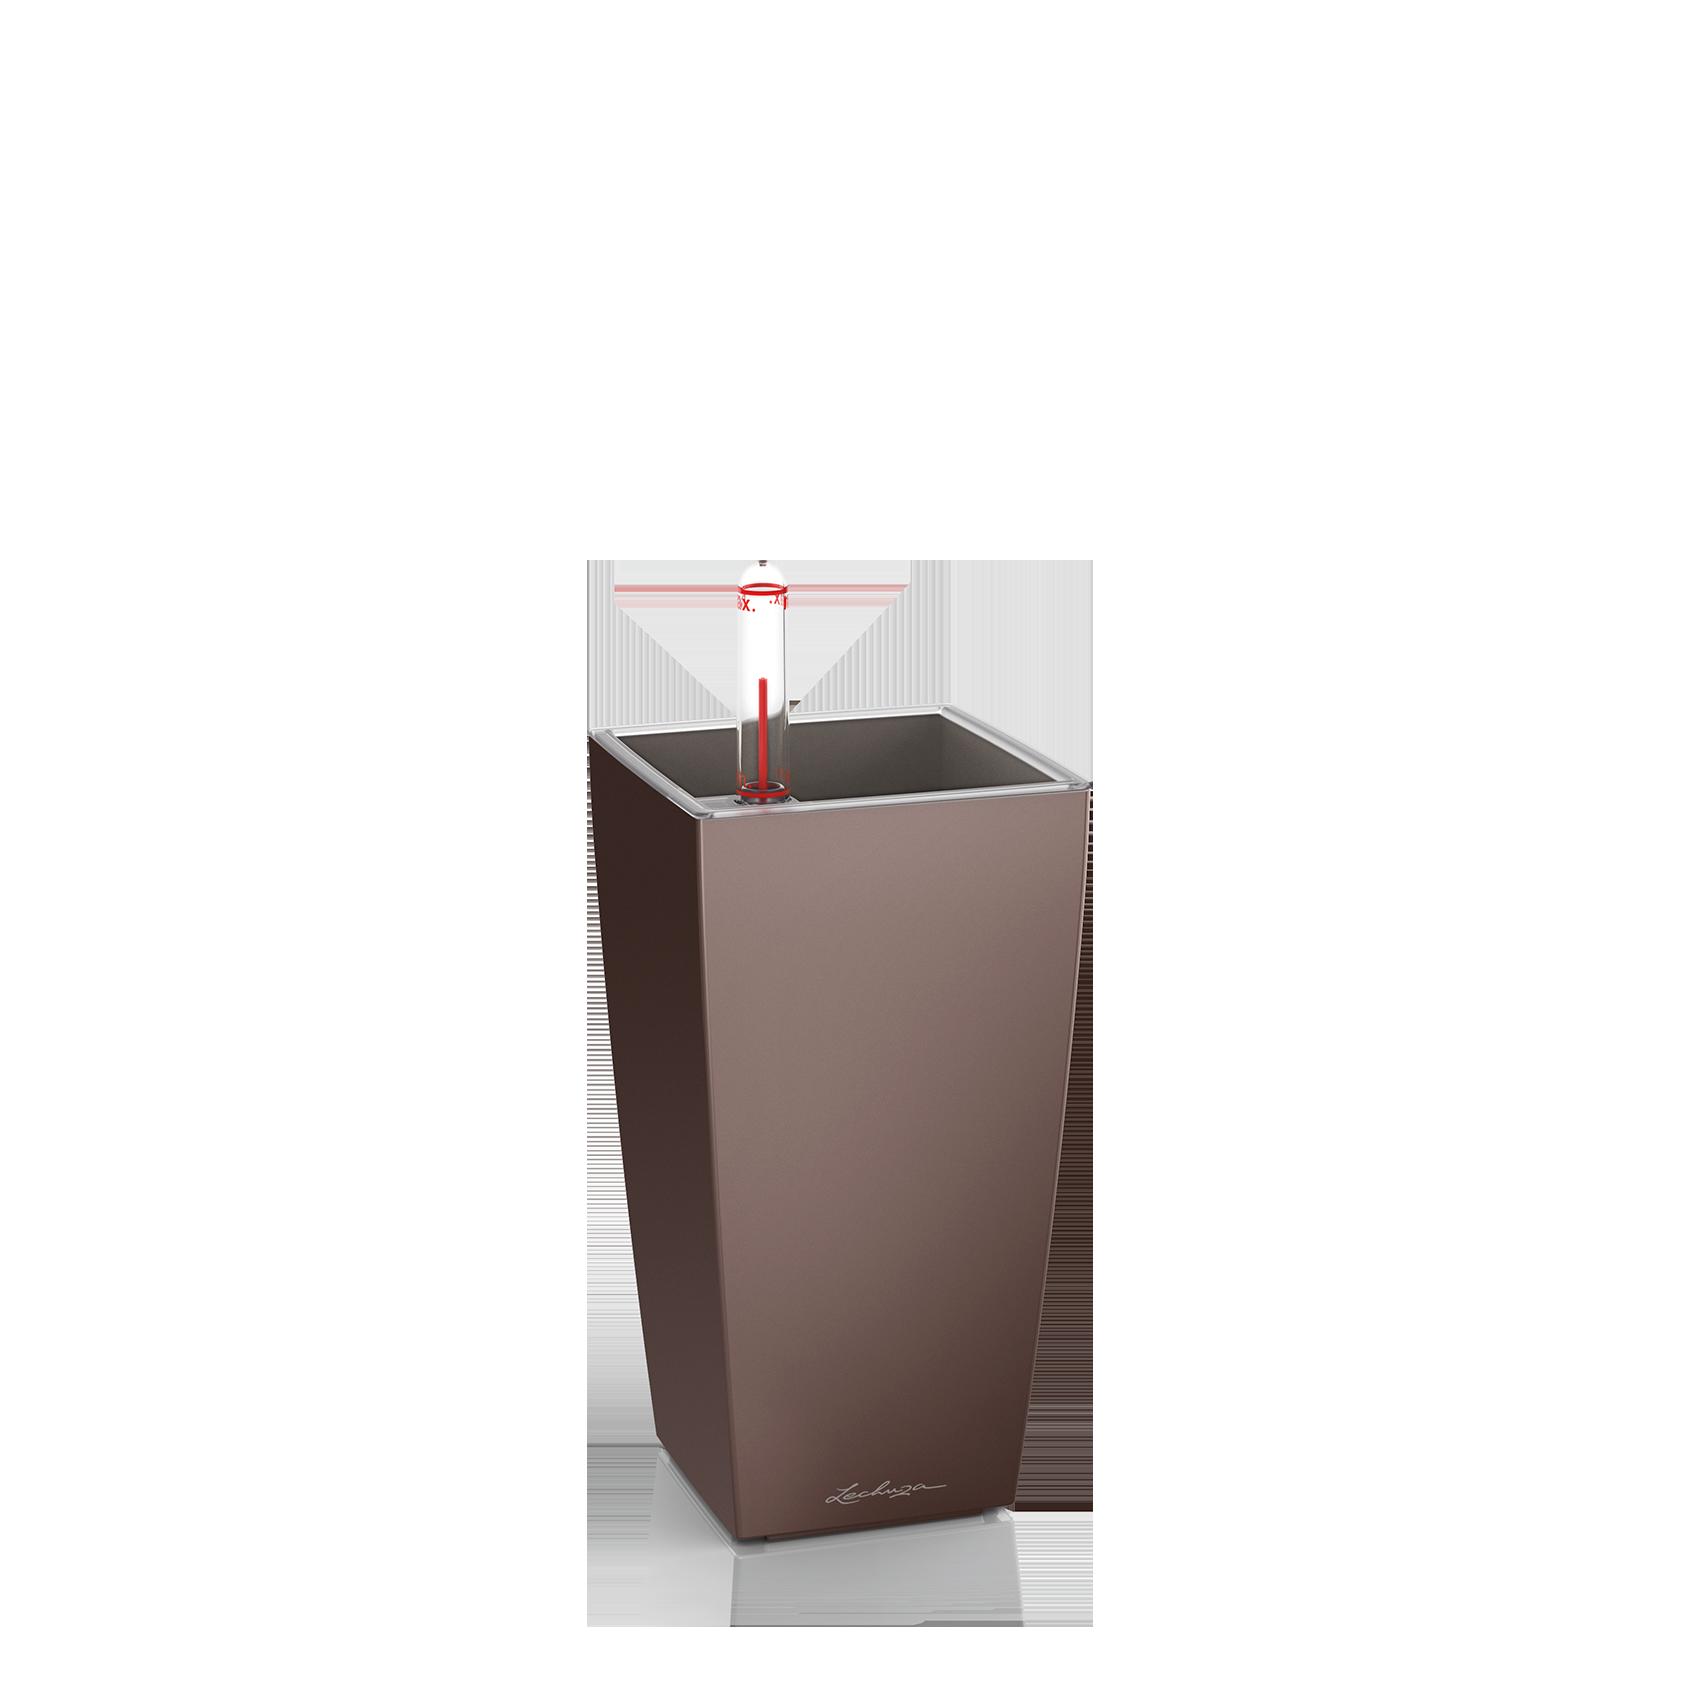 MINI-CUBI espresso metallic